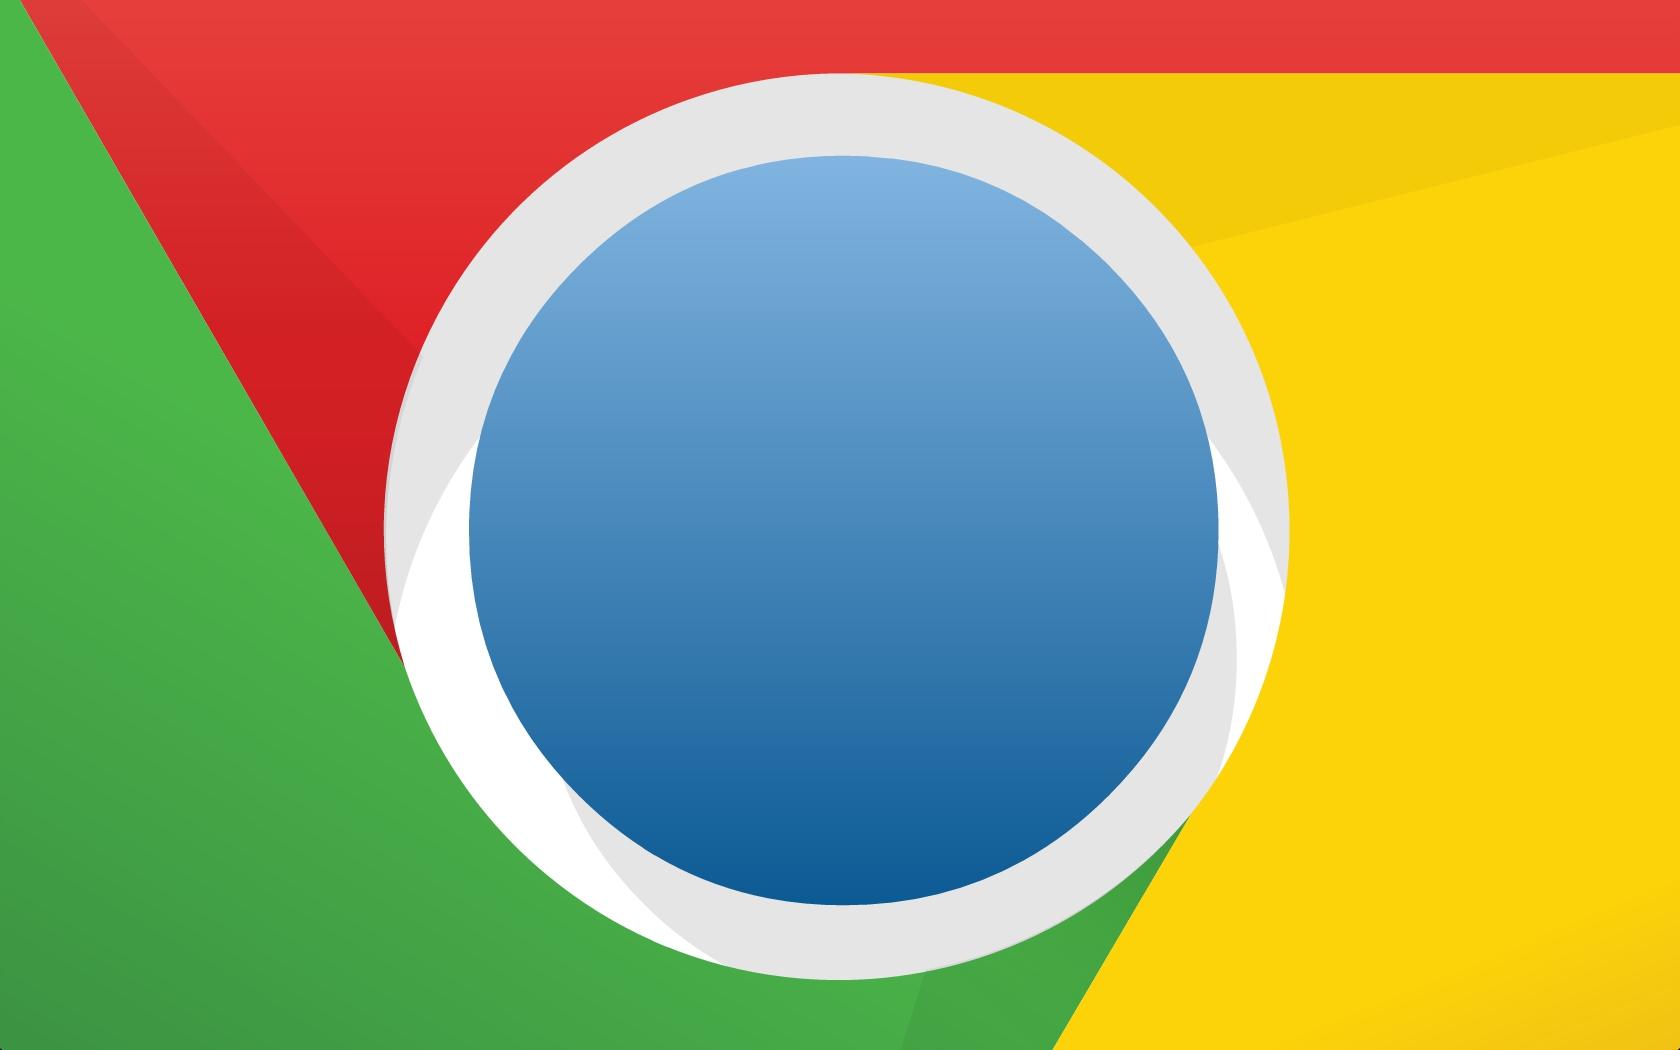 گوگل کروم ویدیوهای صدا دار را که به صورت خودکار پخش میشوند متوقف میکند